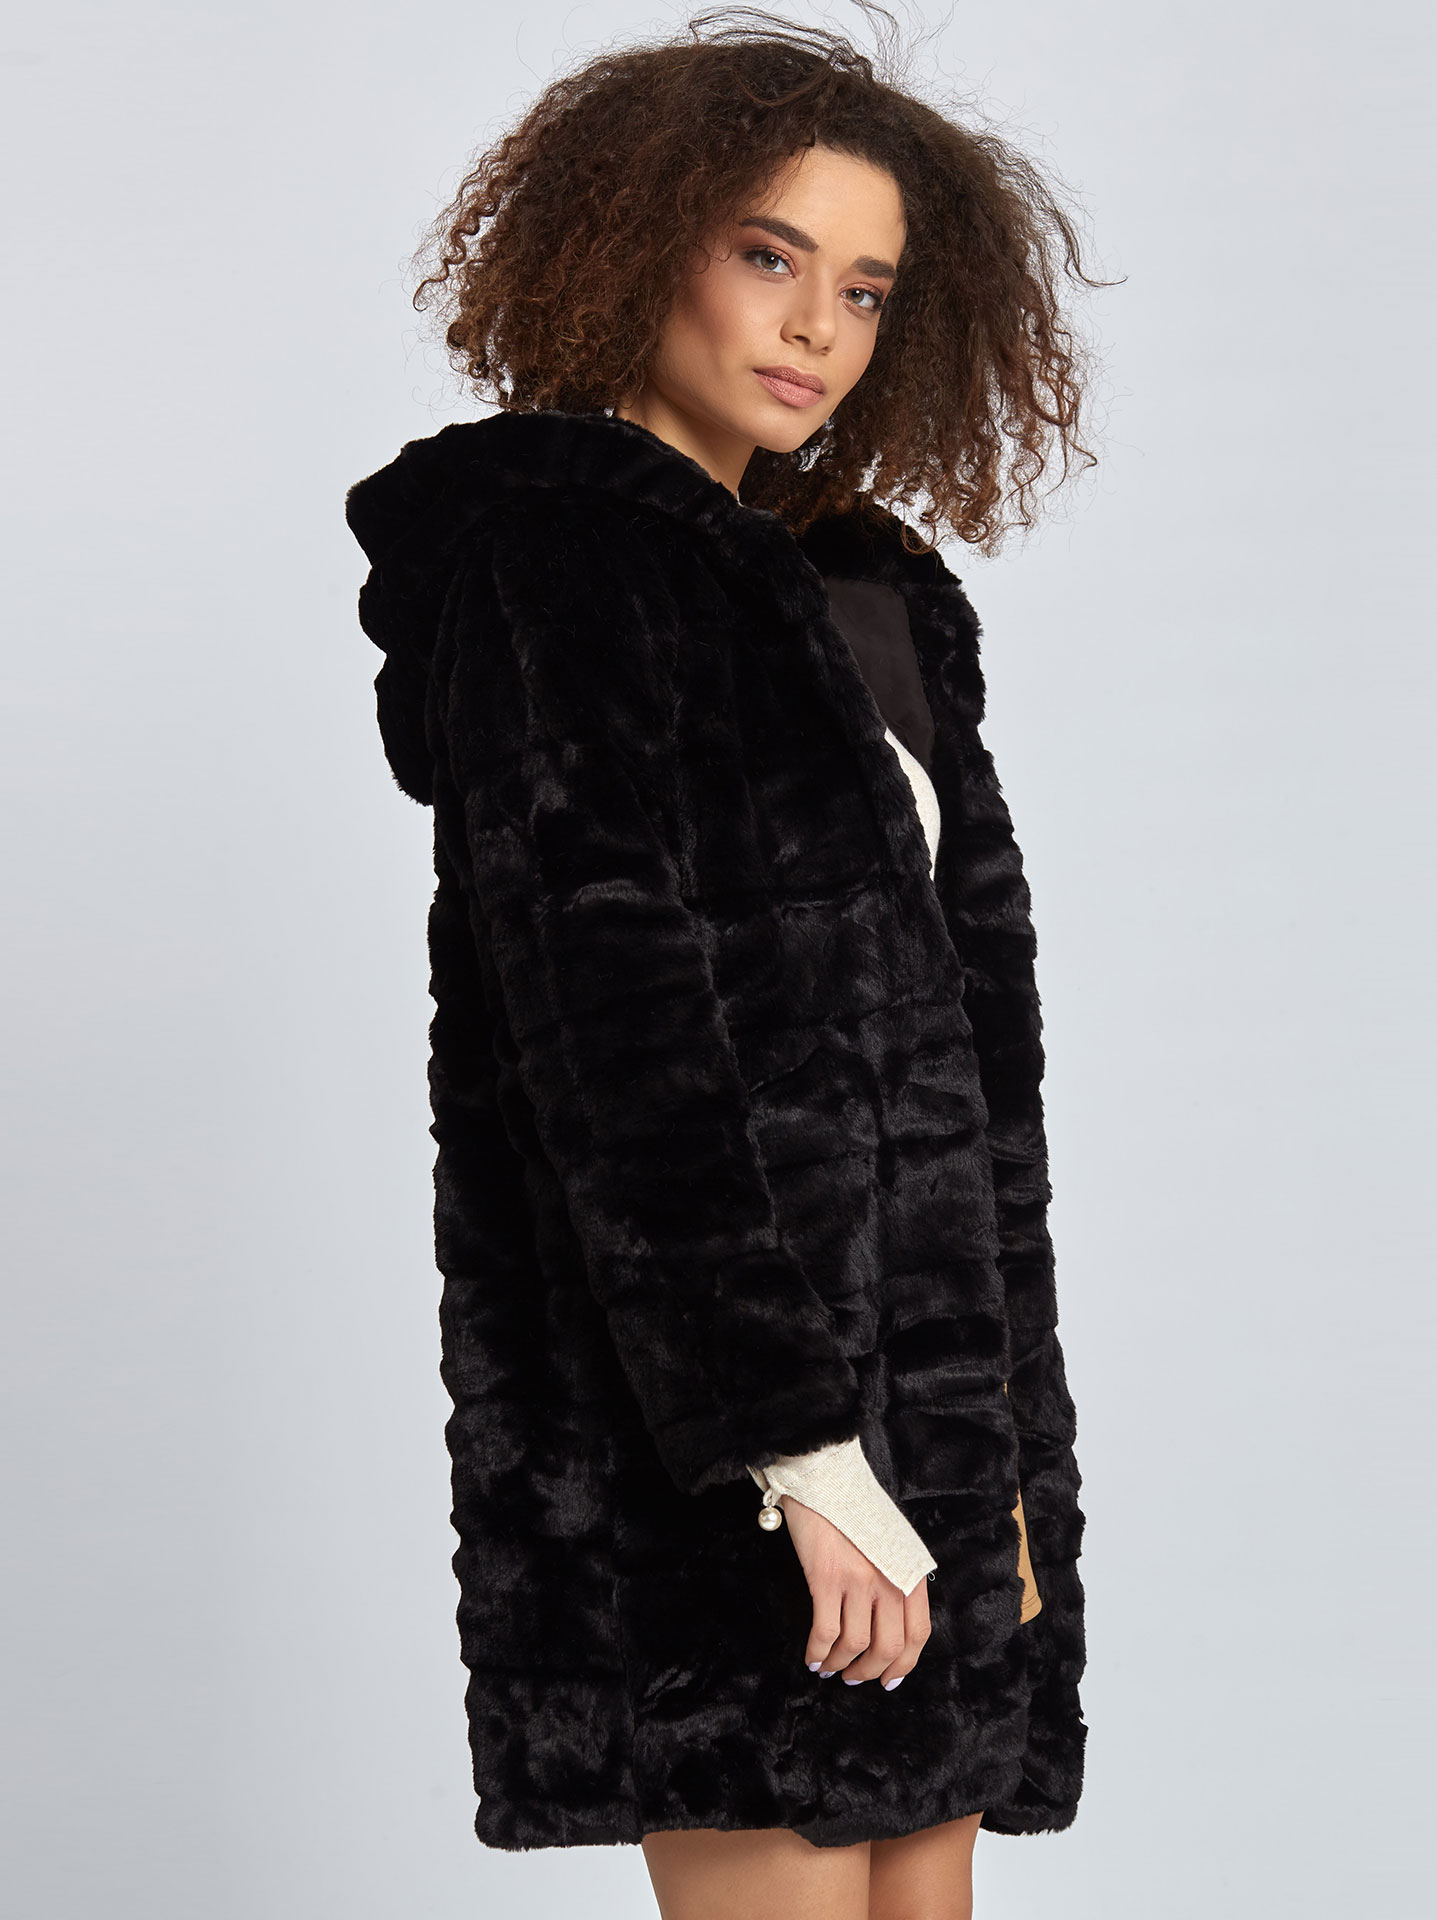 Παλτό από συνθετική-οικολογική γούνα σε μαυρο 49cdca0f8bf